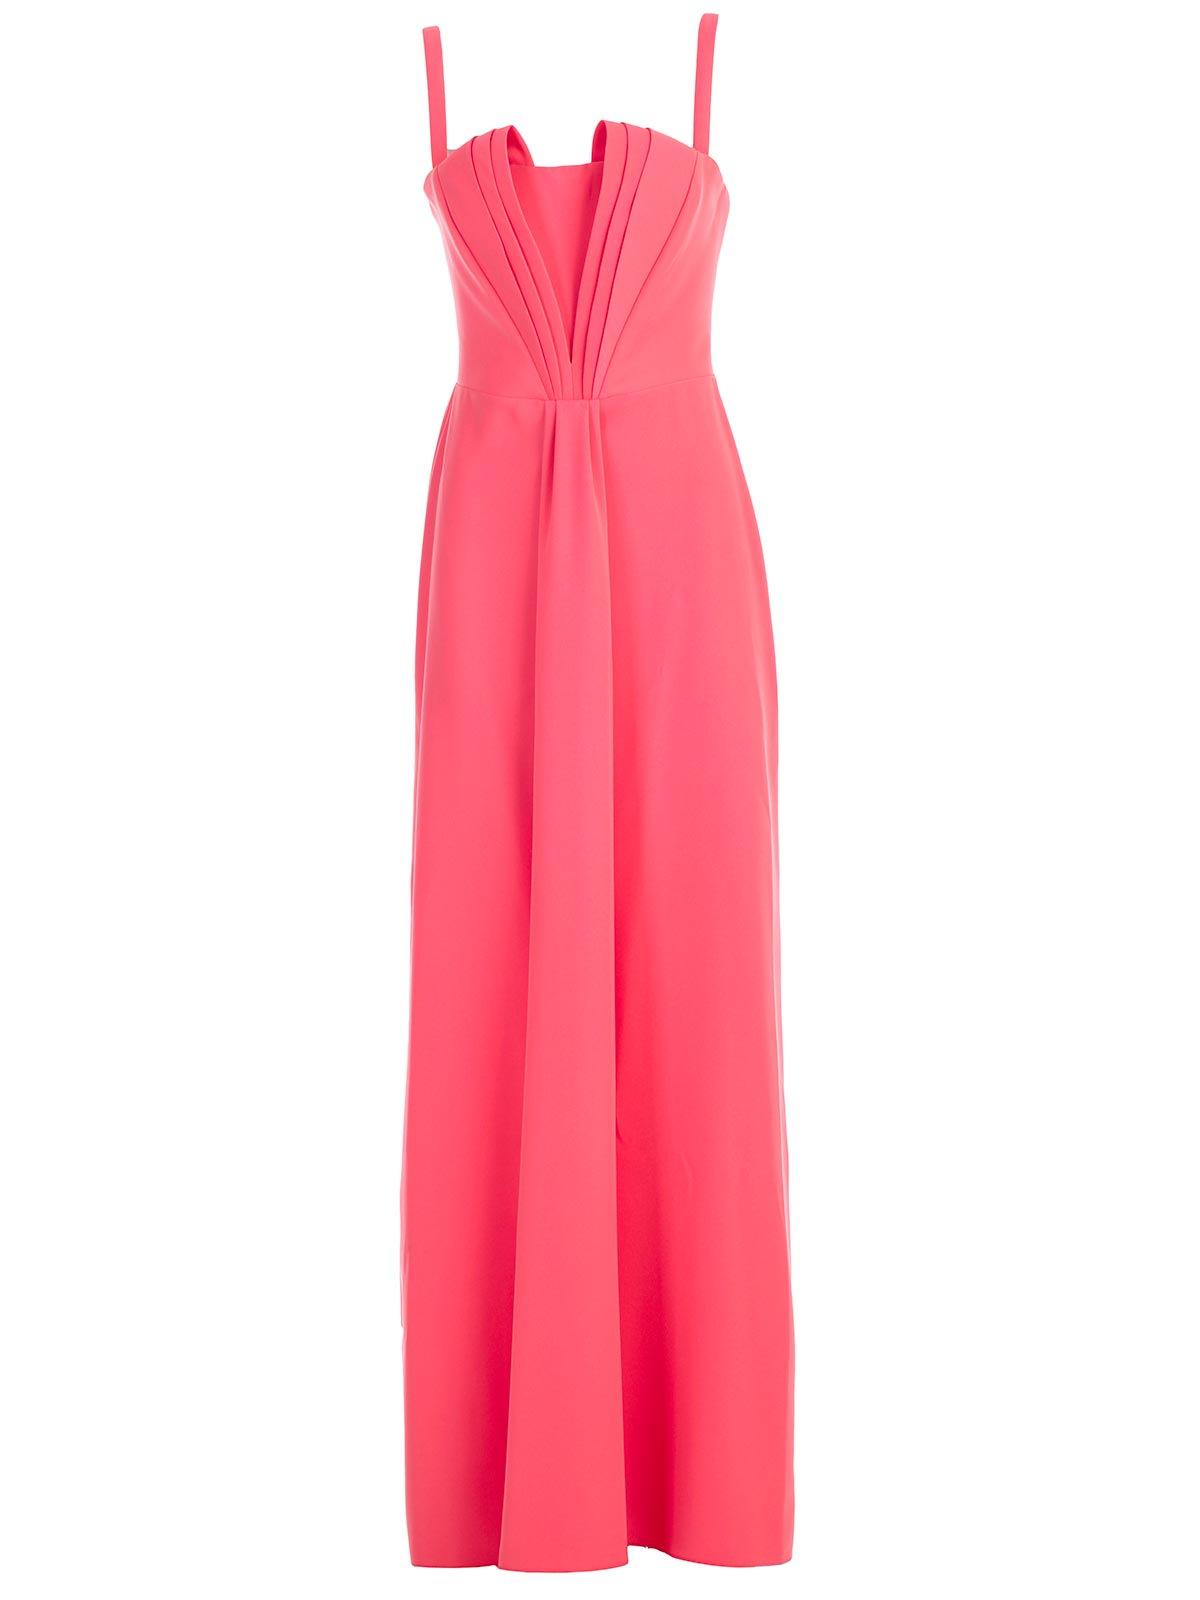 Emporio Armani Stiff Bodice Dress